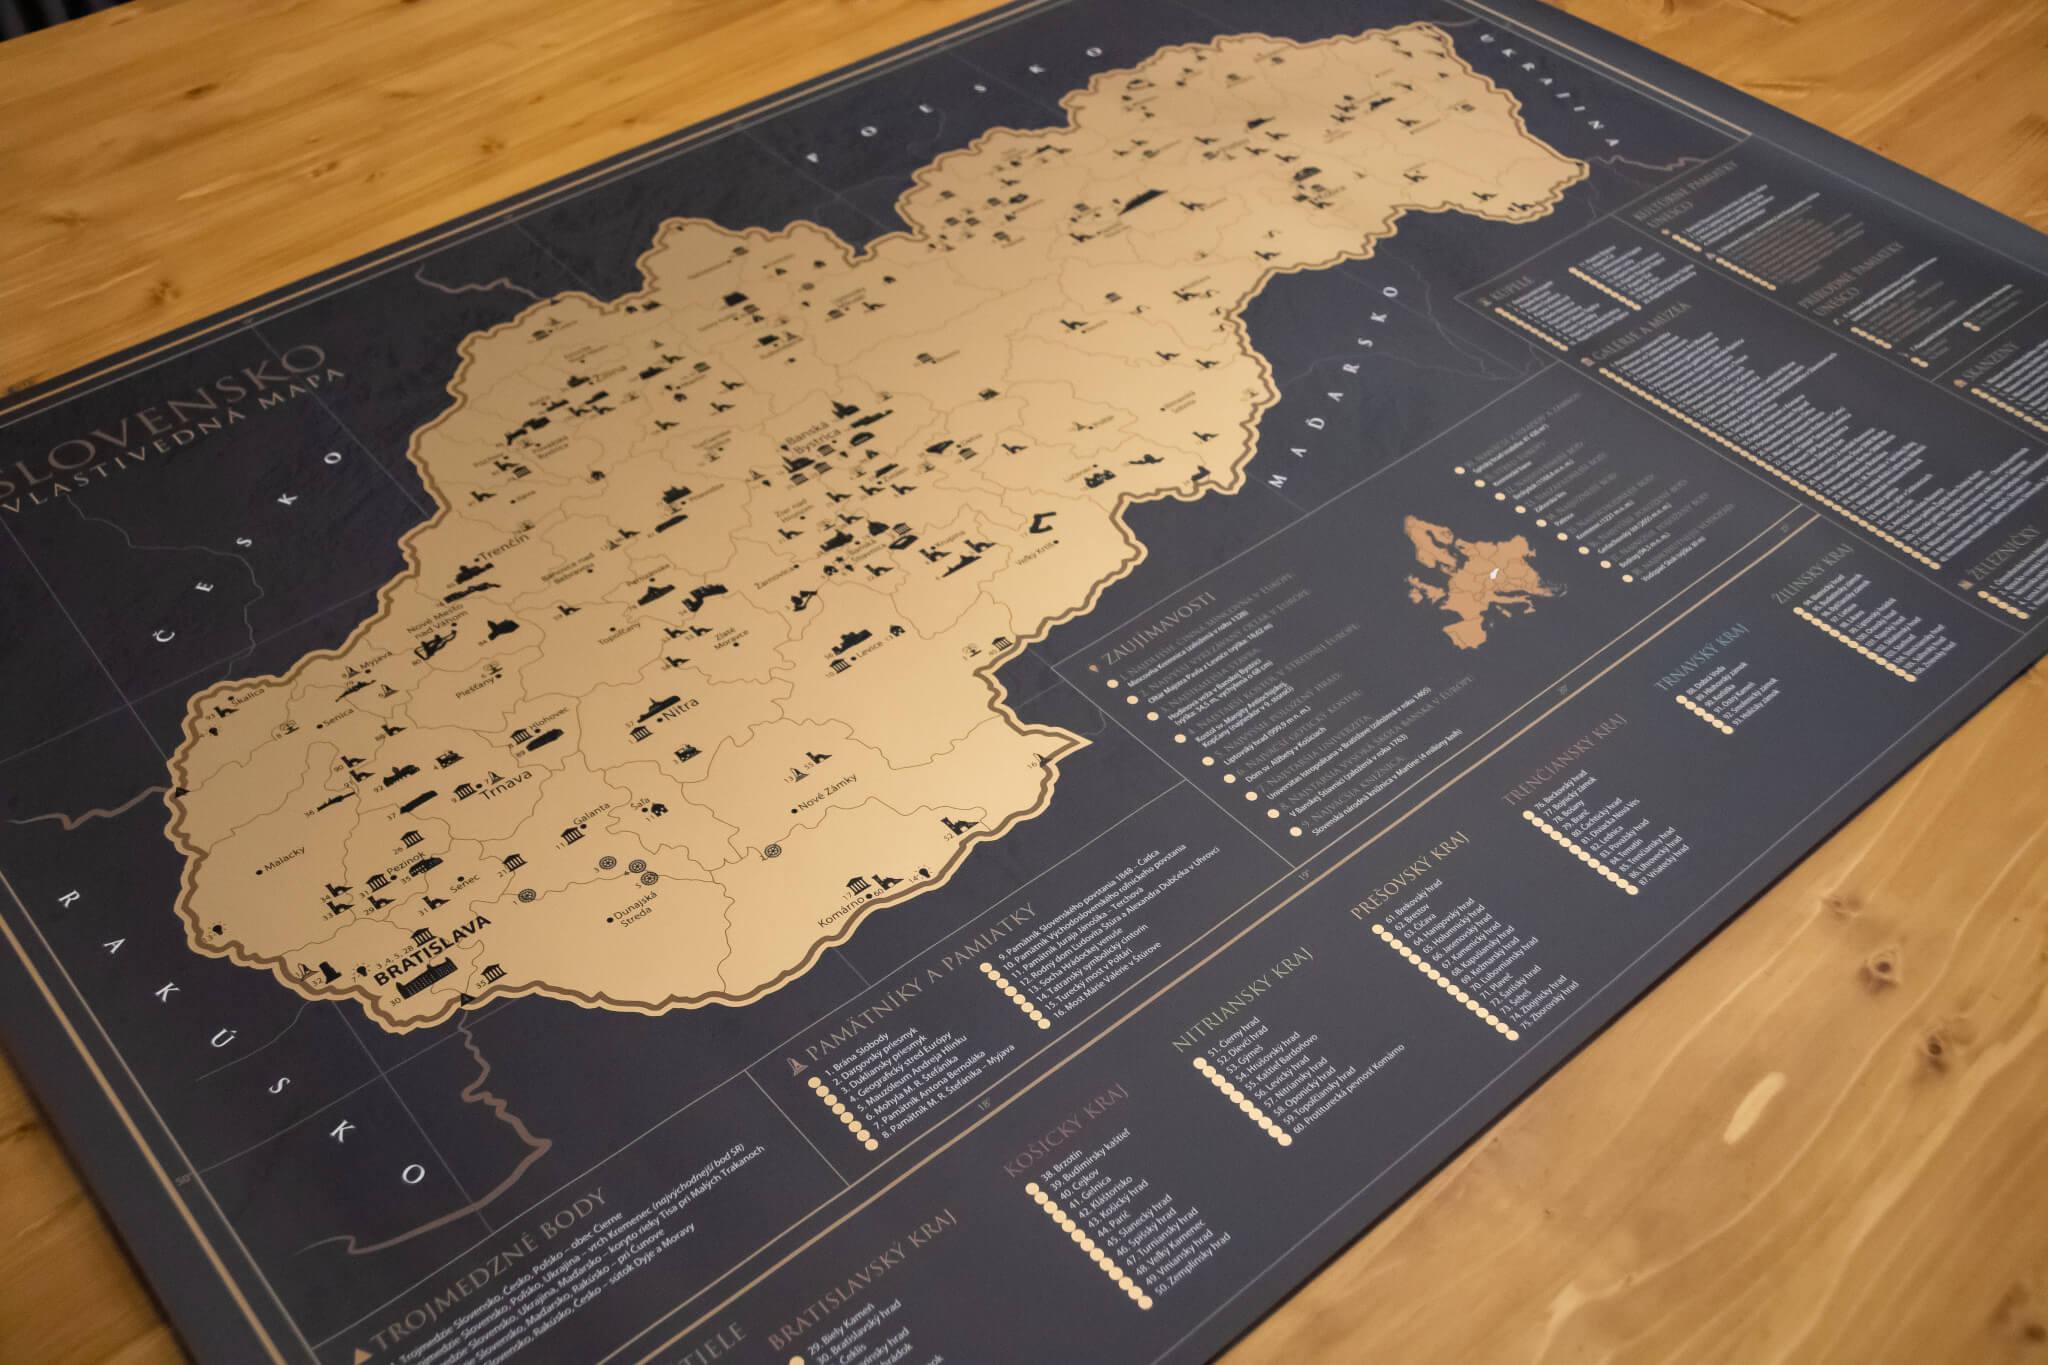 Stieracia mapa Slovenska - Pohľad na celú mapu